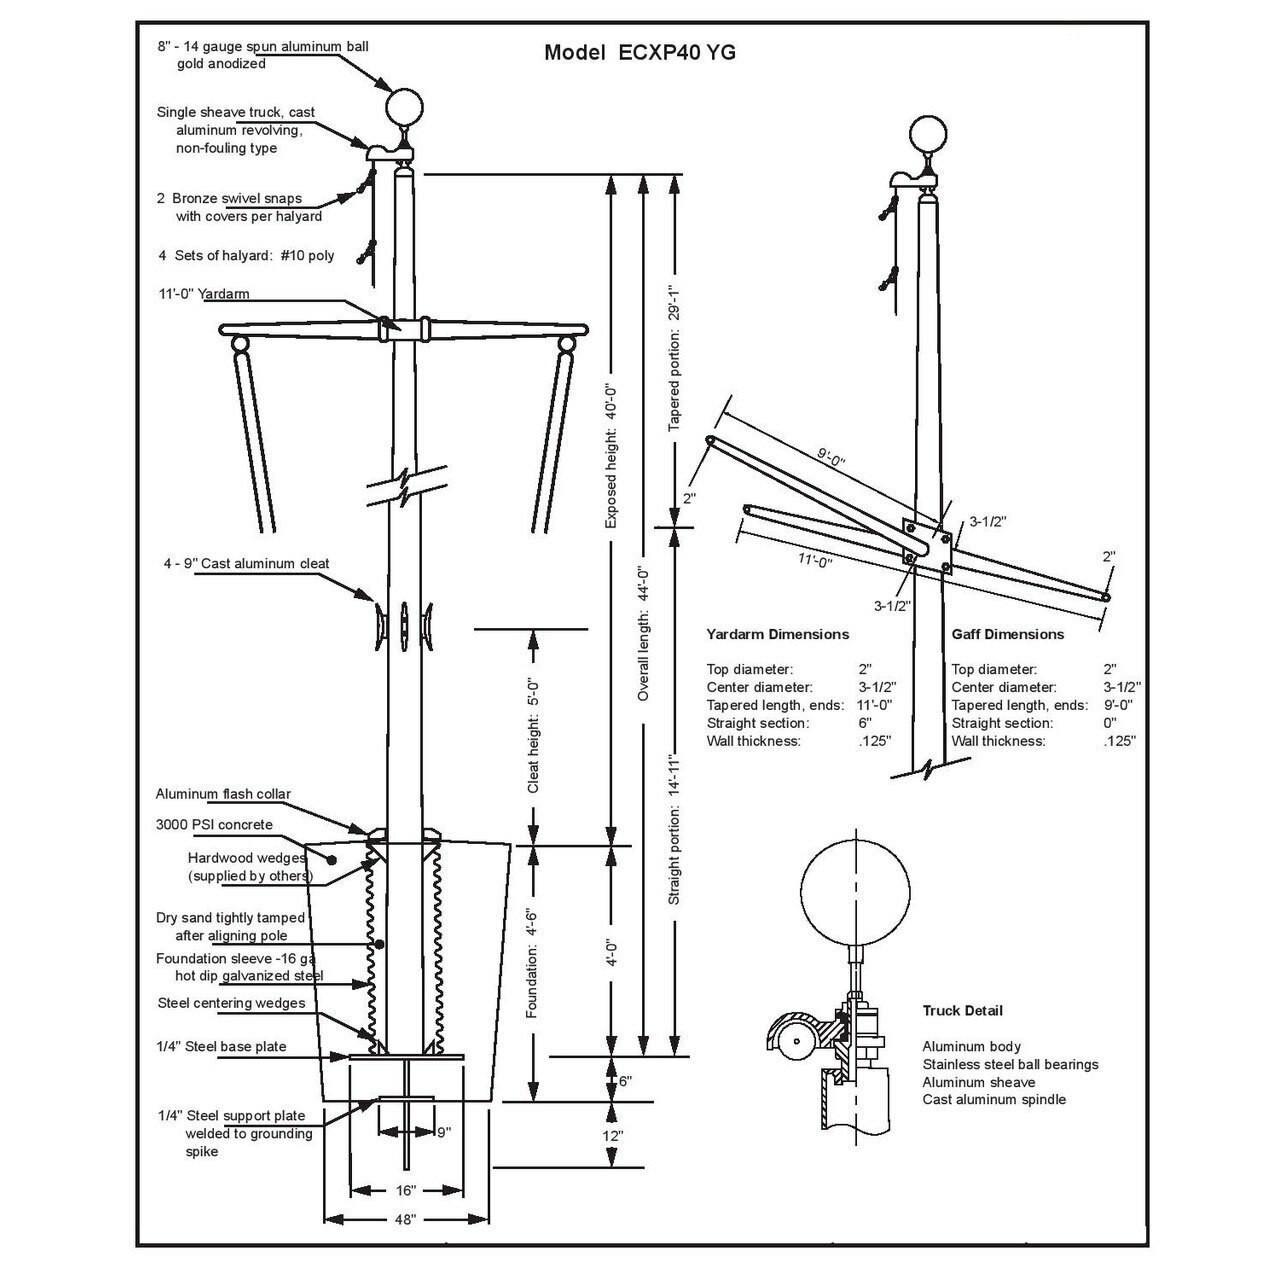 40 Nautical Flagpole w/ Yardarm, Gaff and Collar ECXP40YG